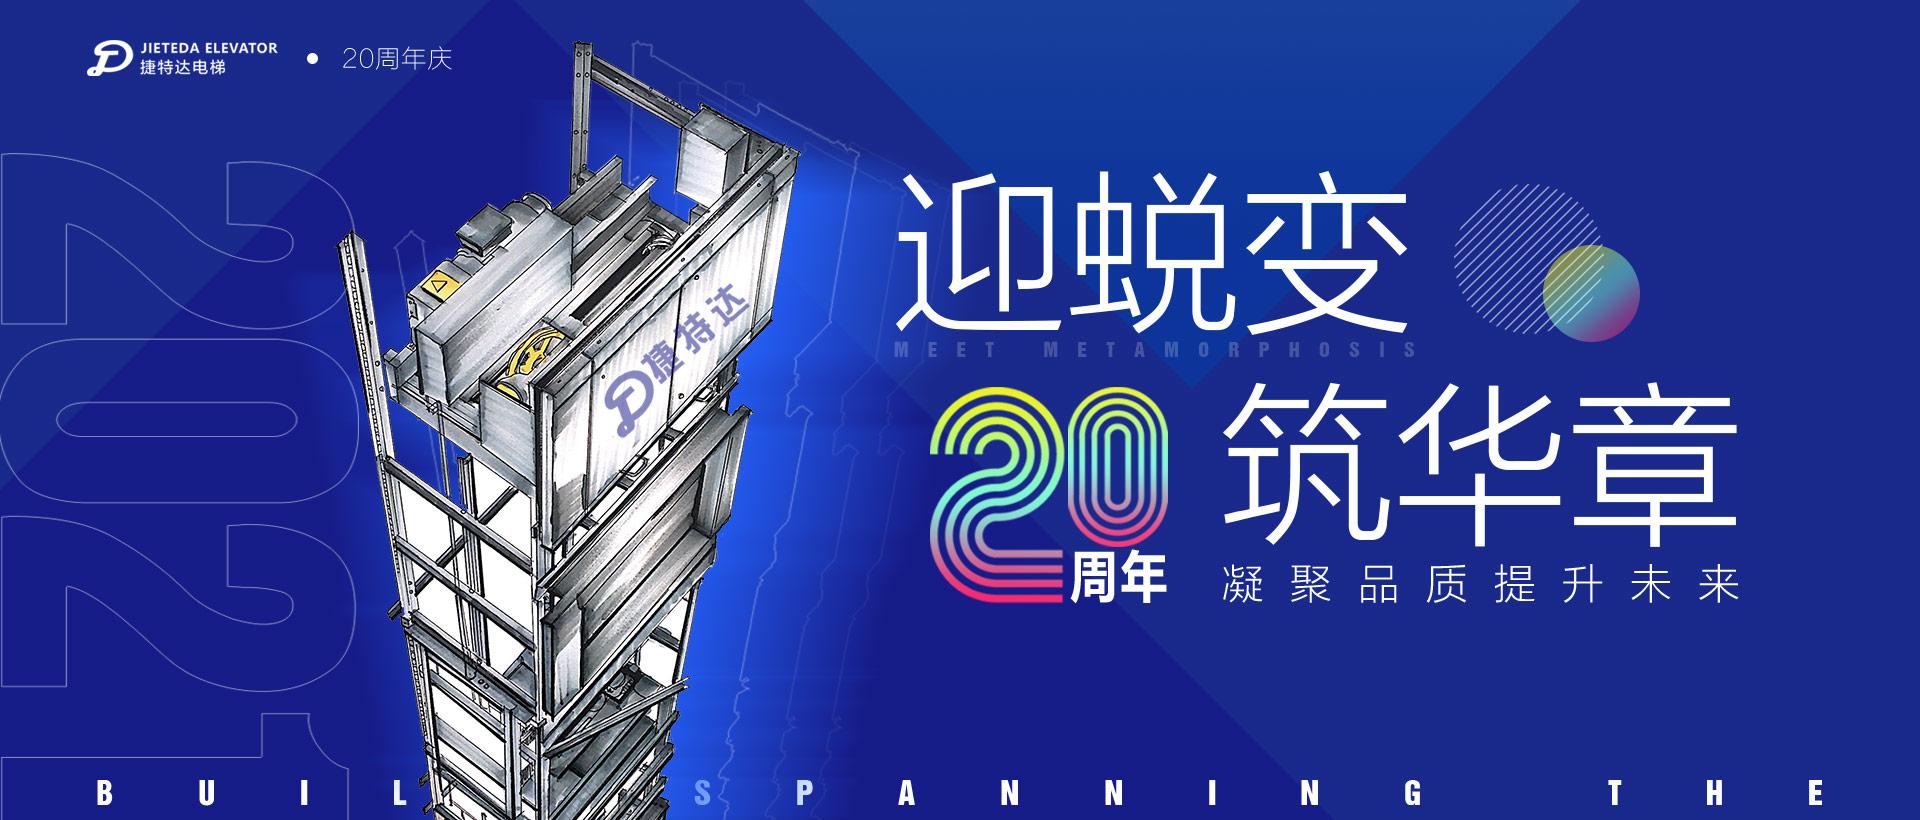 20zhou年庆